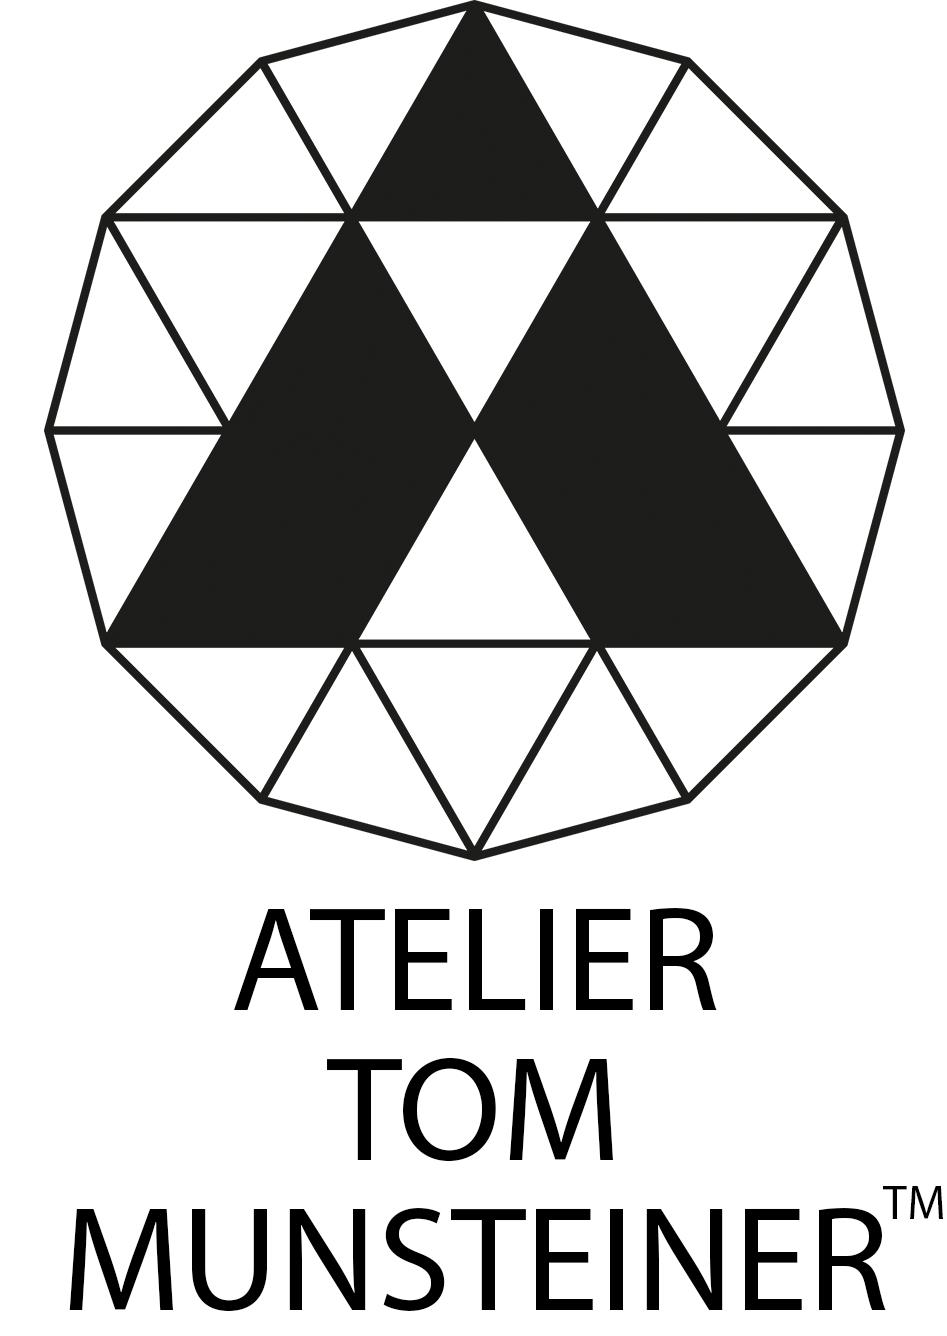 Atelier Munsteiner